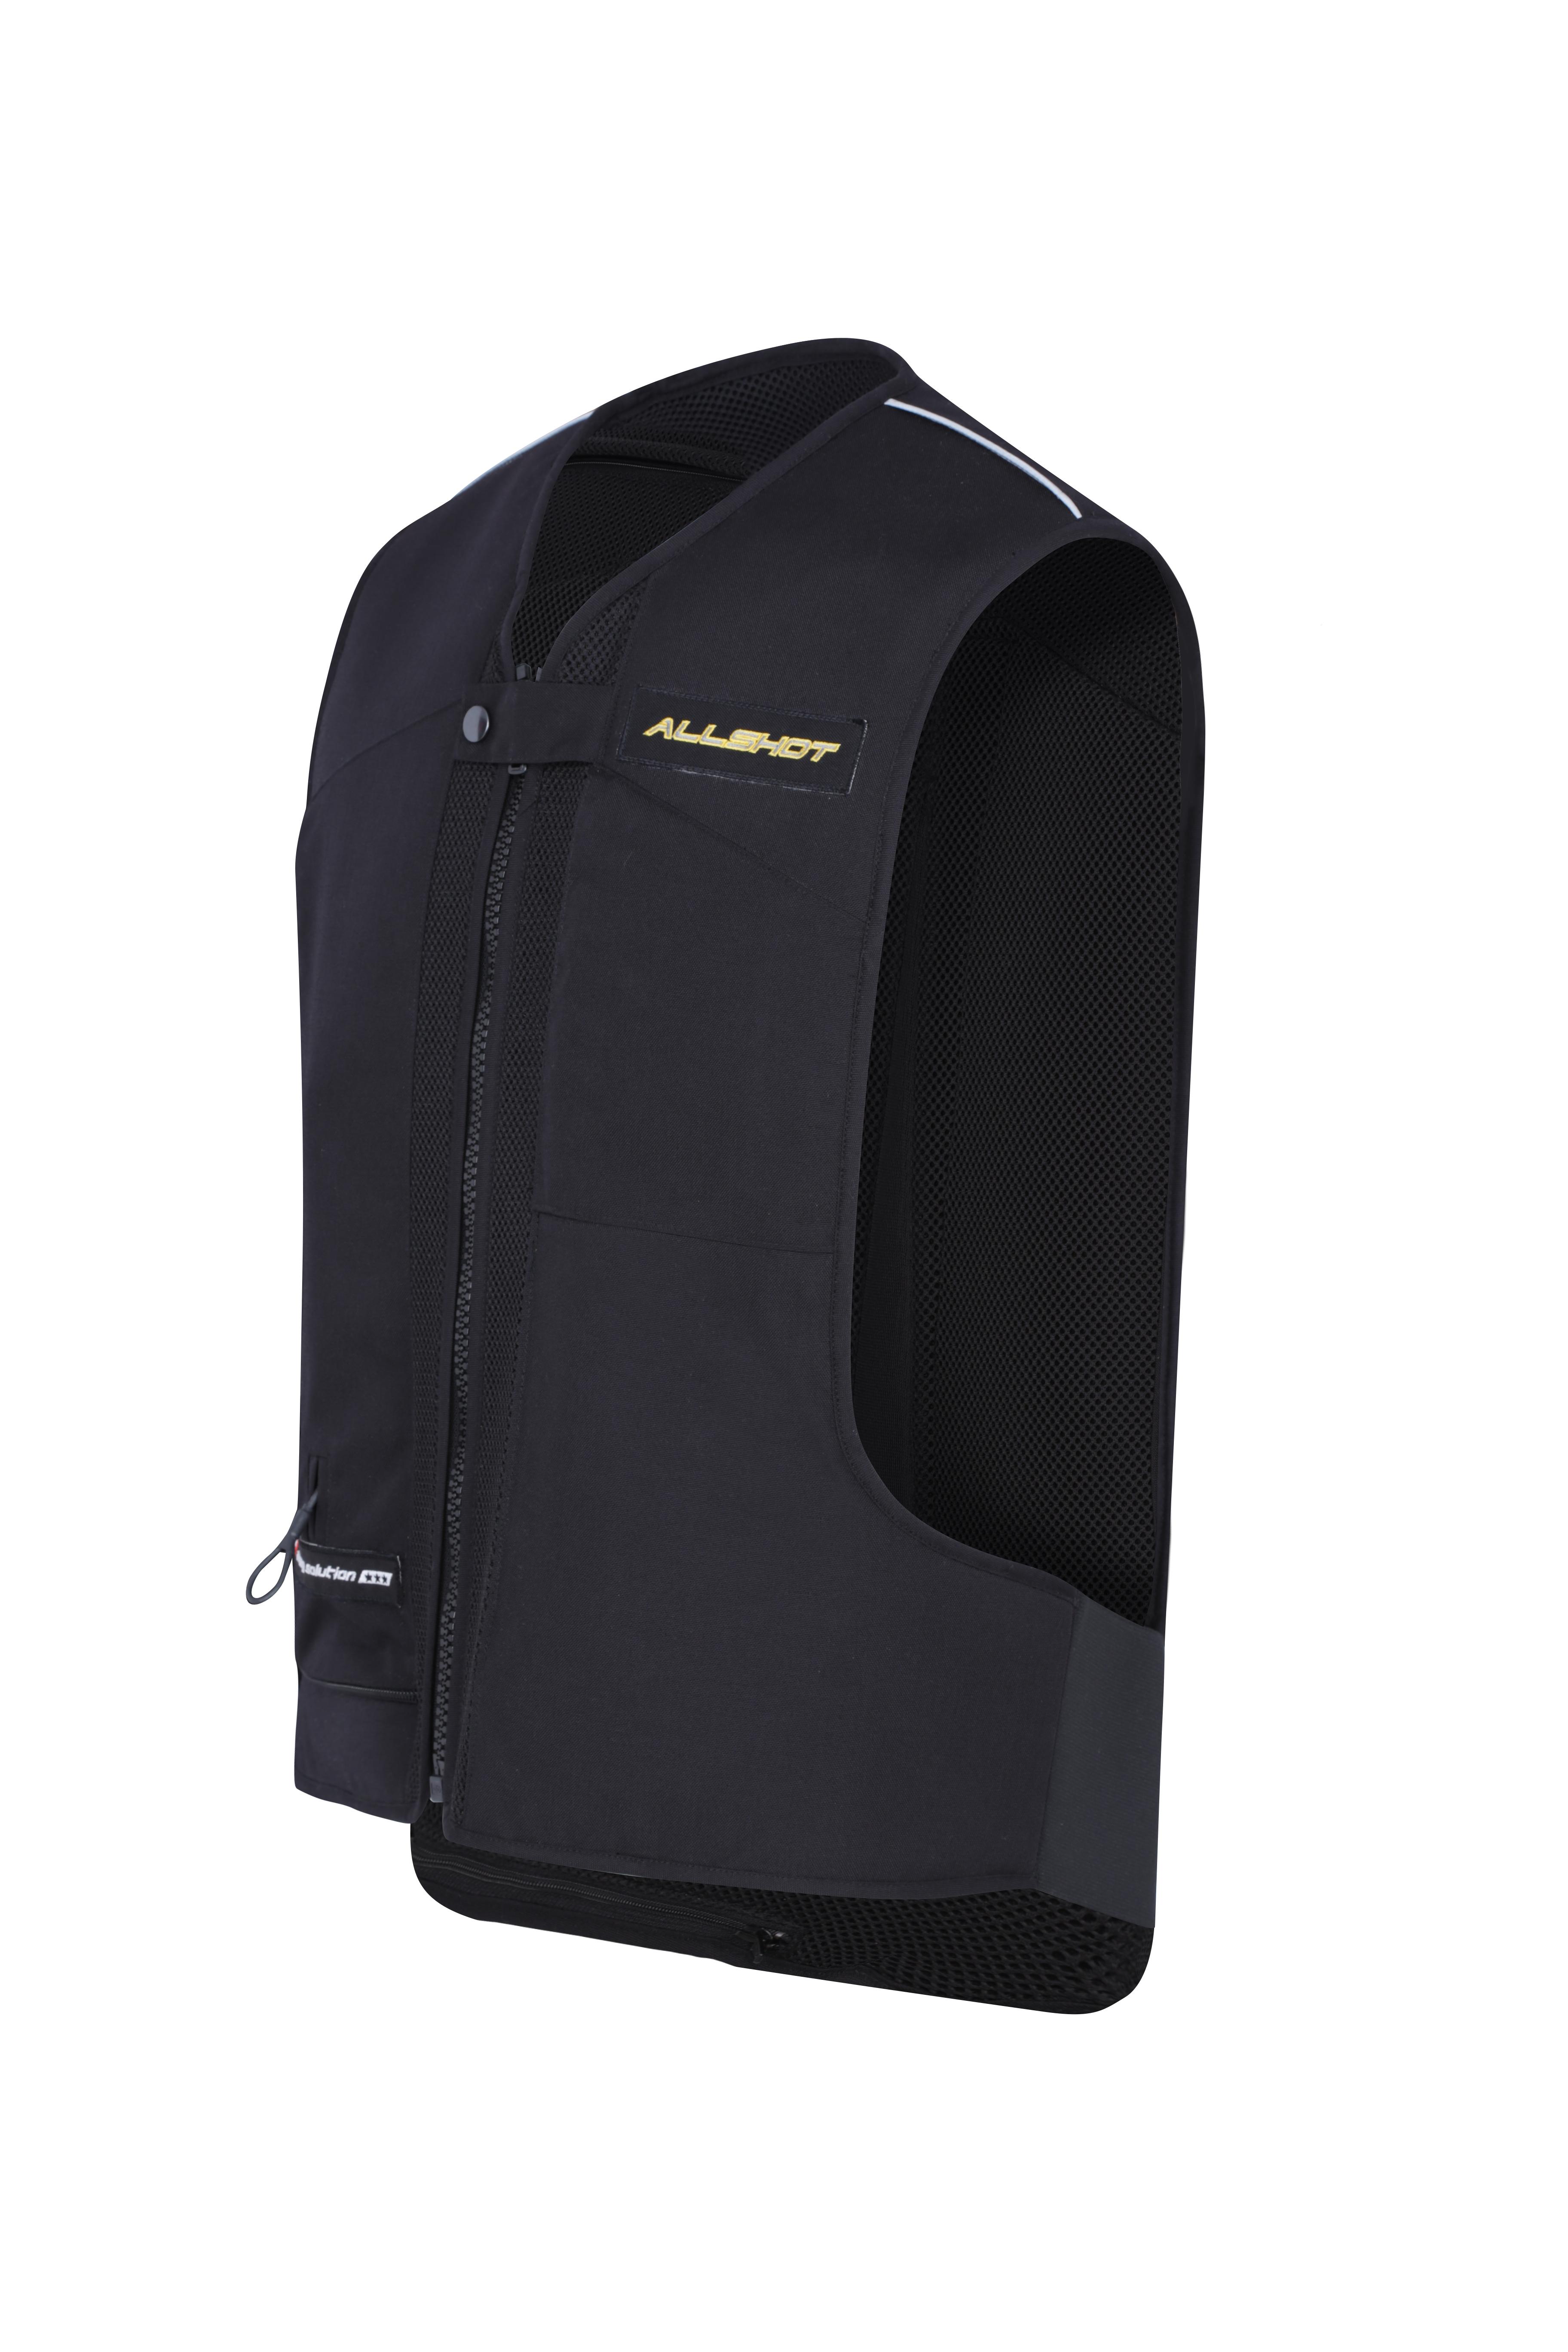 Gilet airbag allshot BUMPER noir